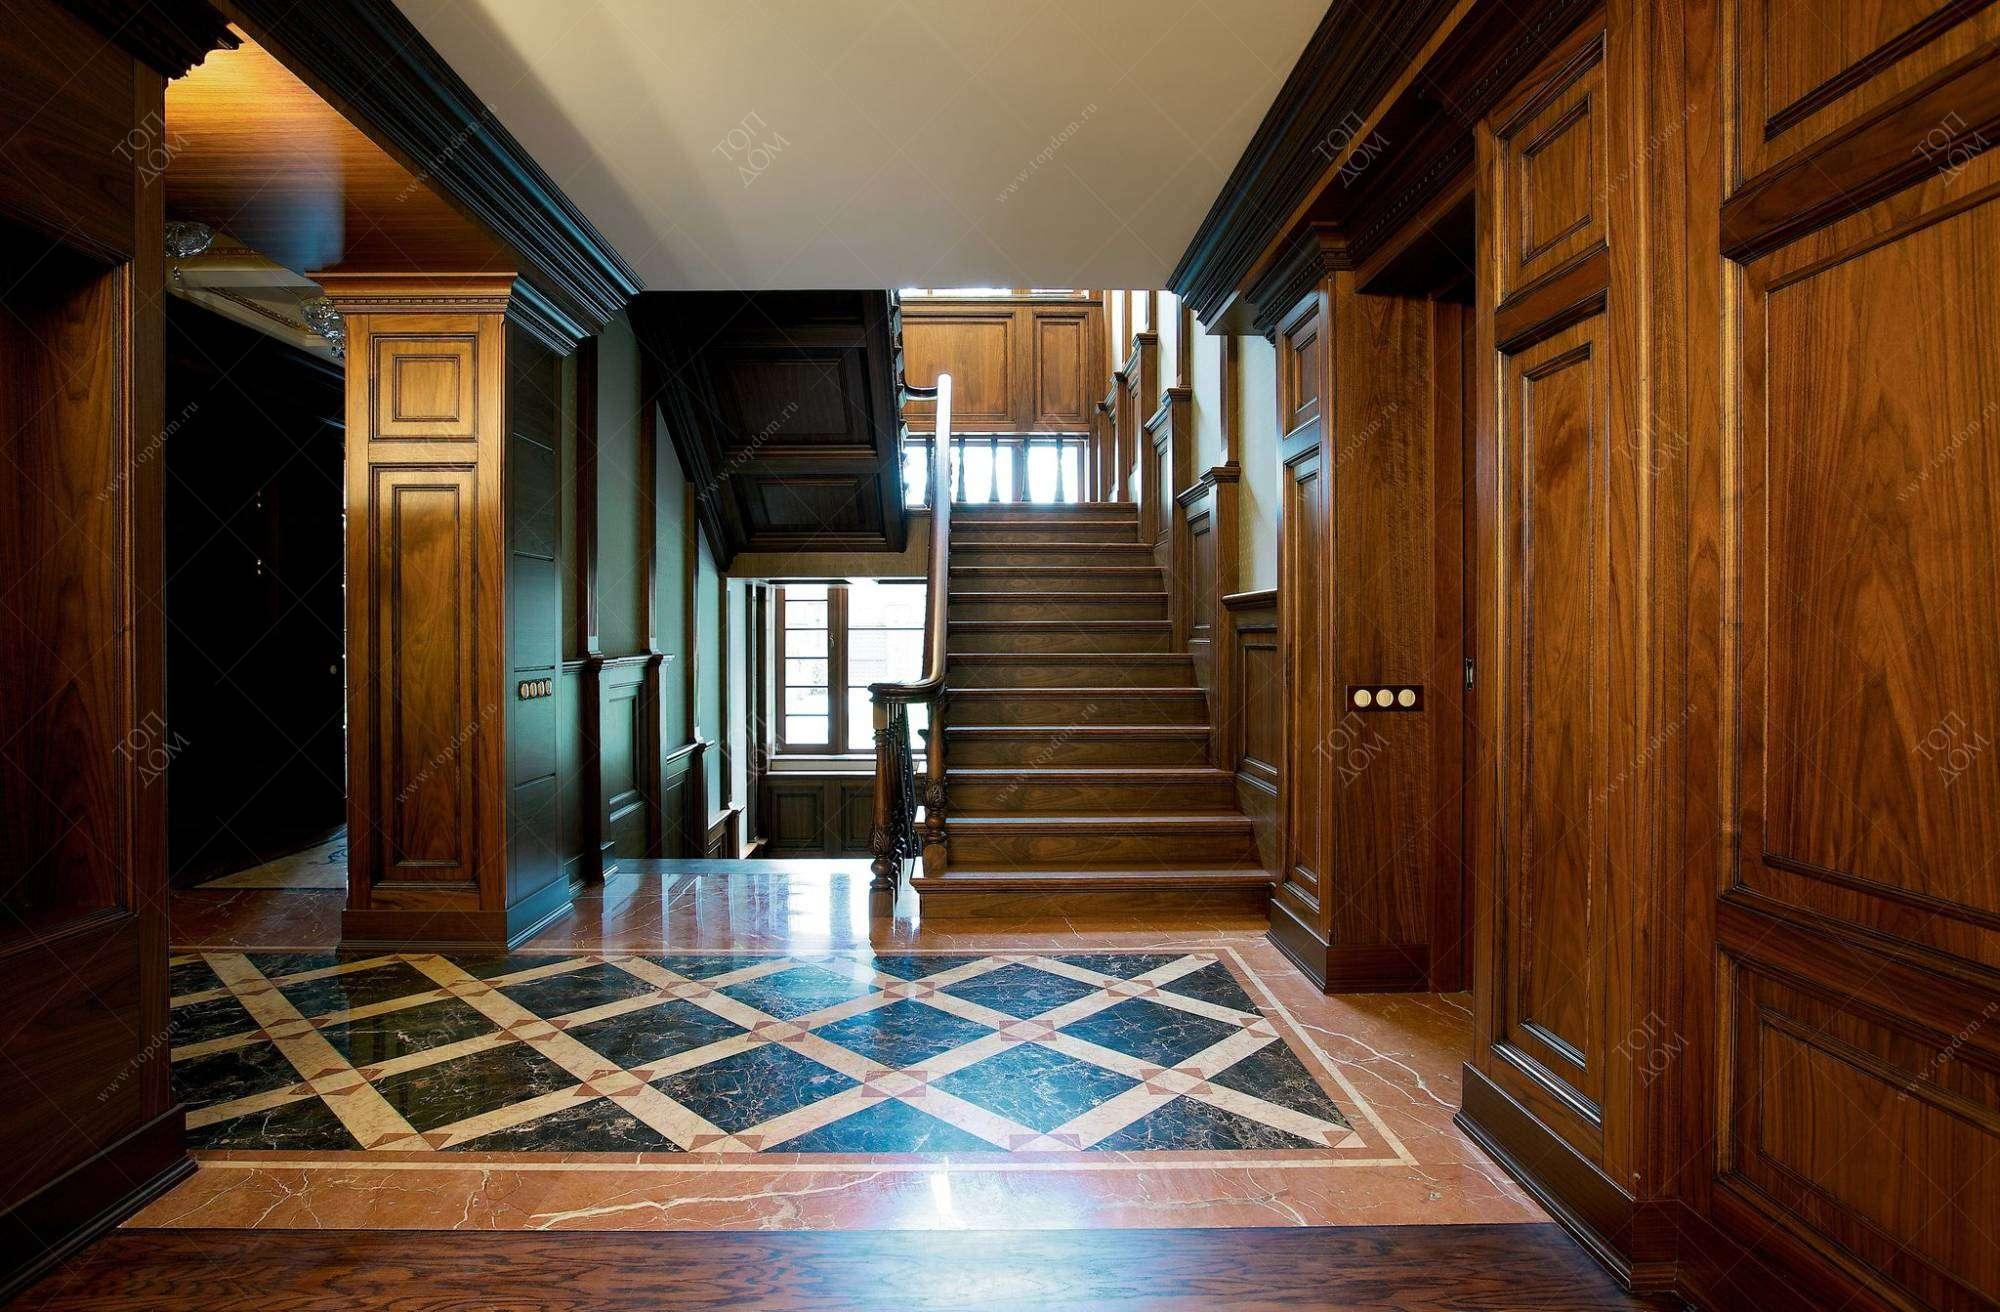 красивый холл с деревом в доме фото поверхность гармонична стиле